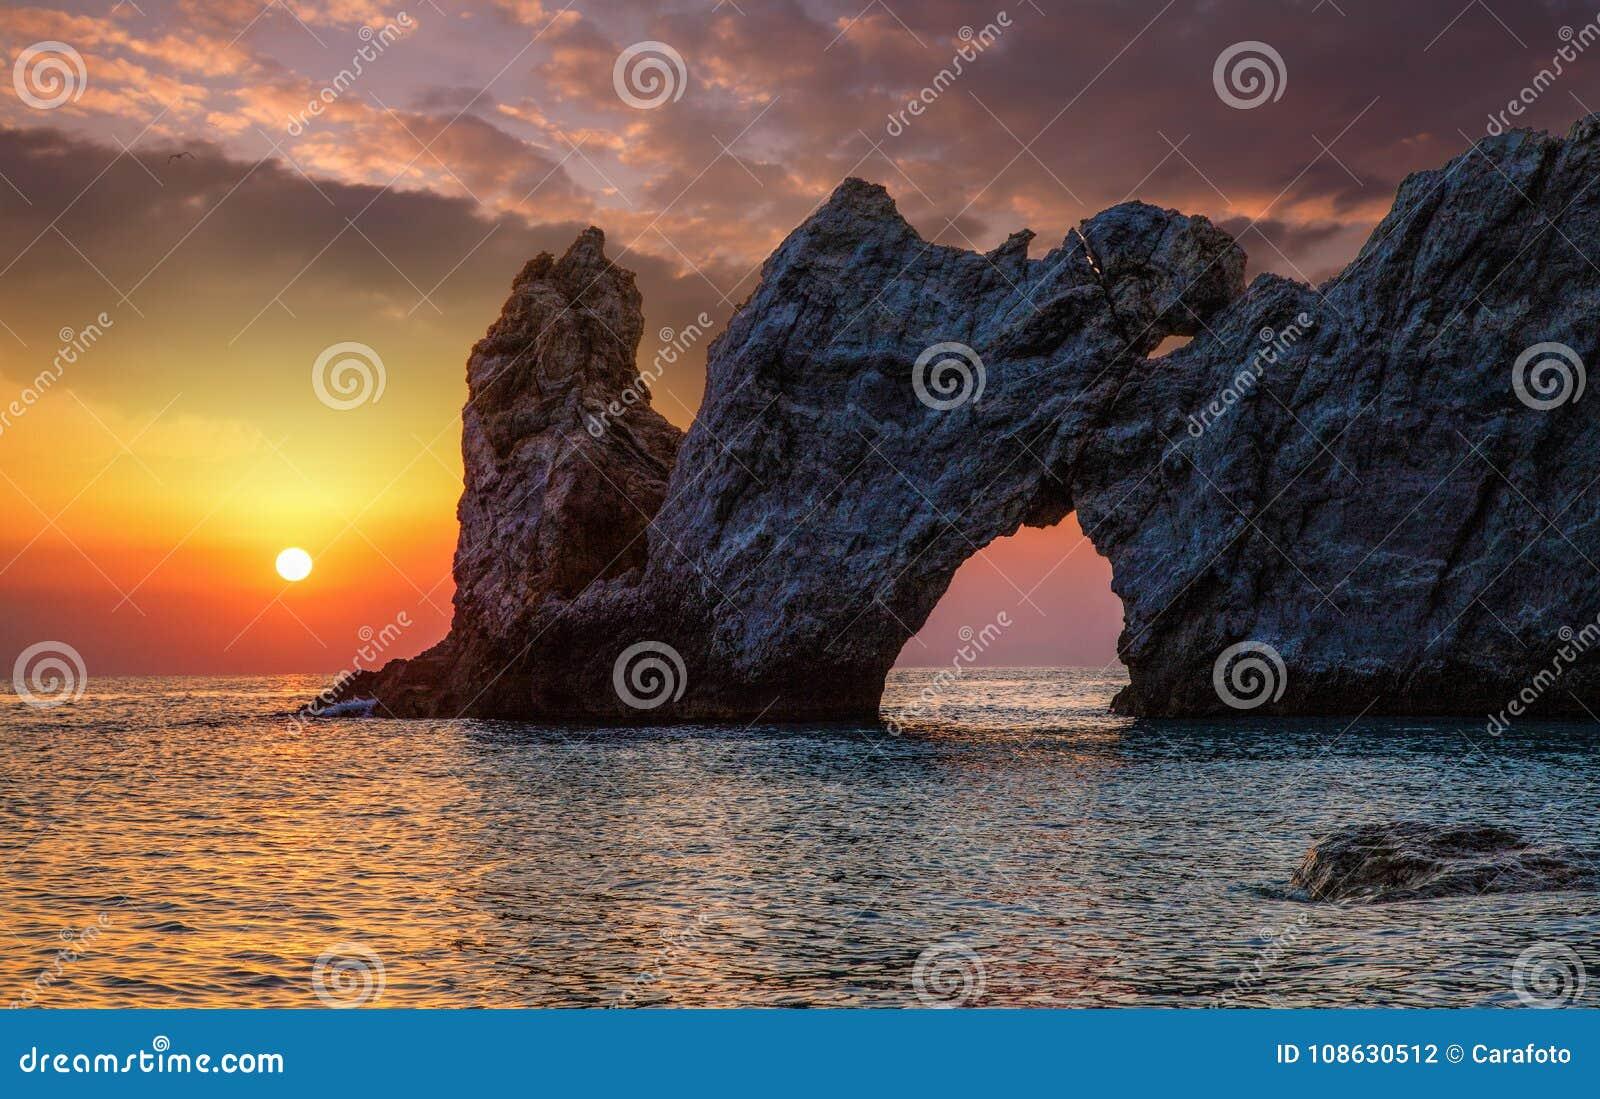 Bella spiaggia con acqua molto chiara